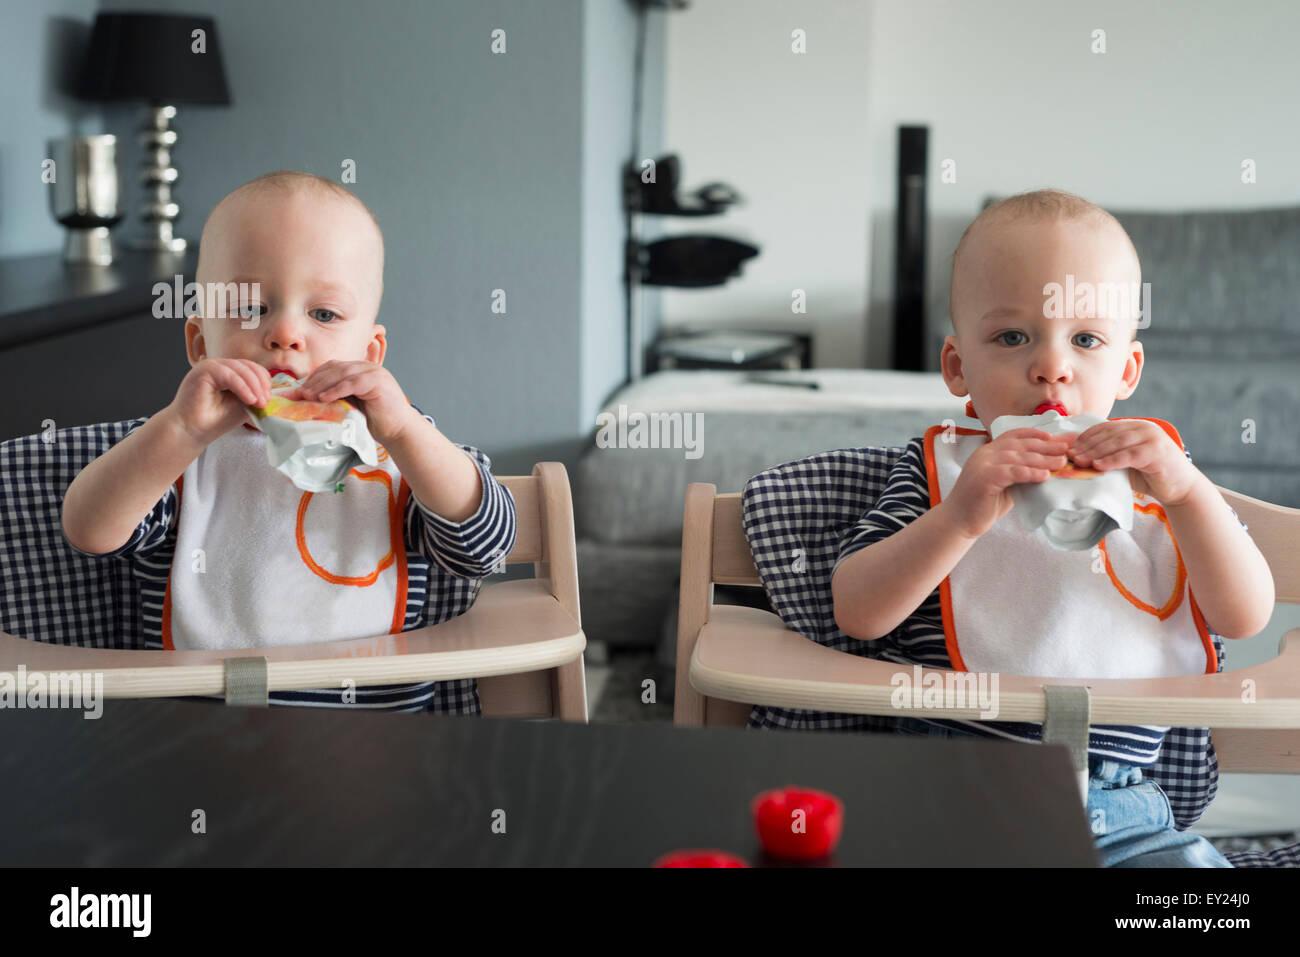 Les frères jumeaux bébé boire du jus dans des chaises hautes Banque D'Images